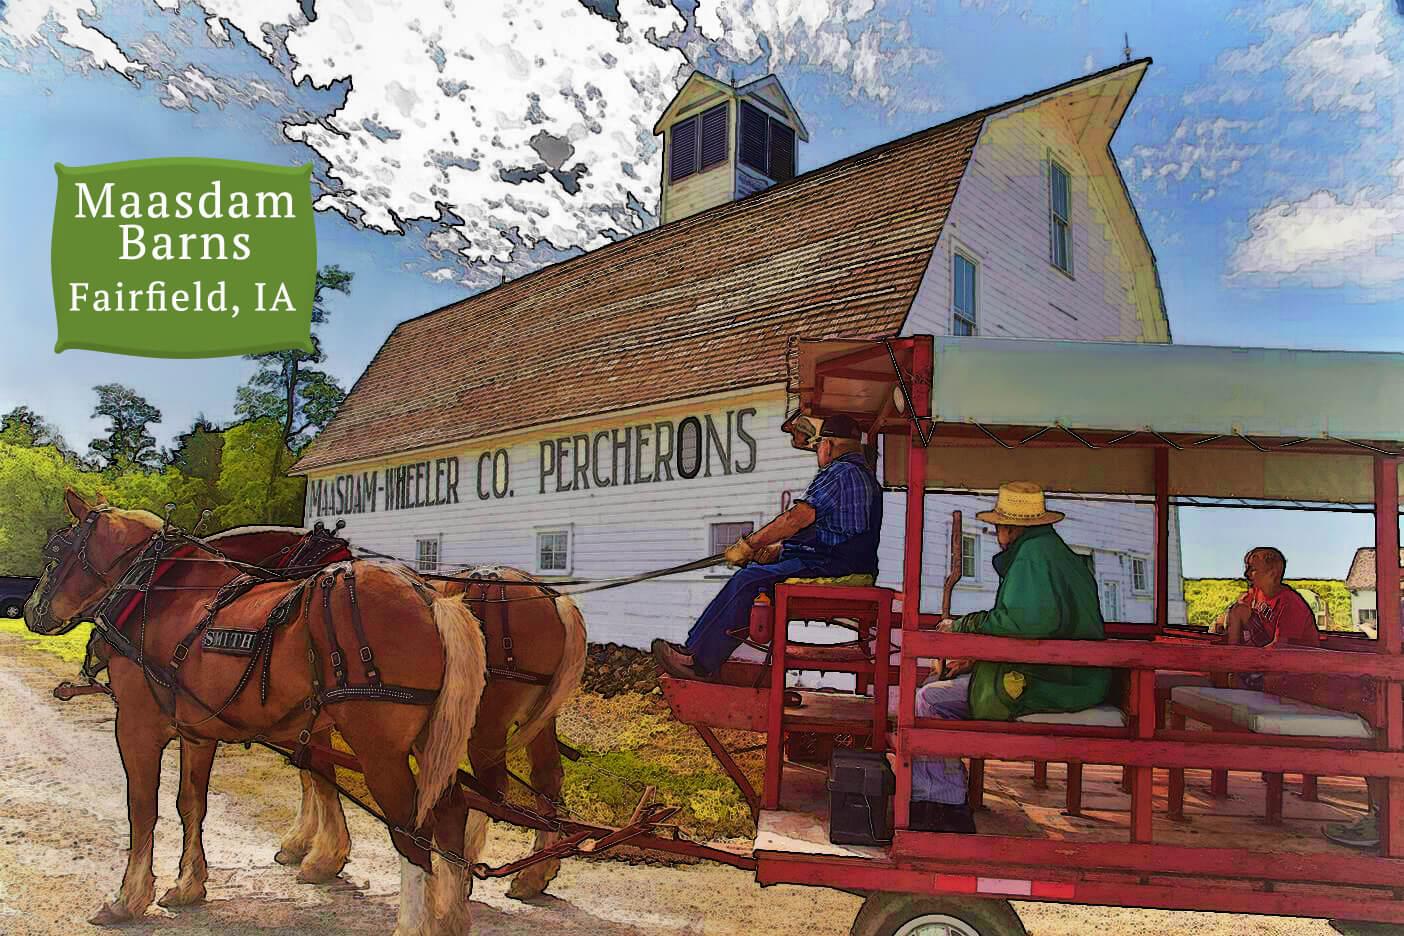 Maasdam Barns Fairfield, Iowa